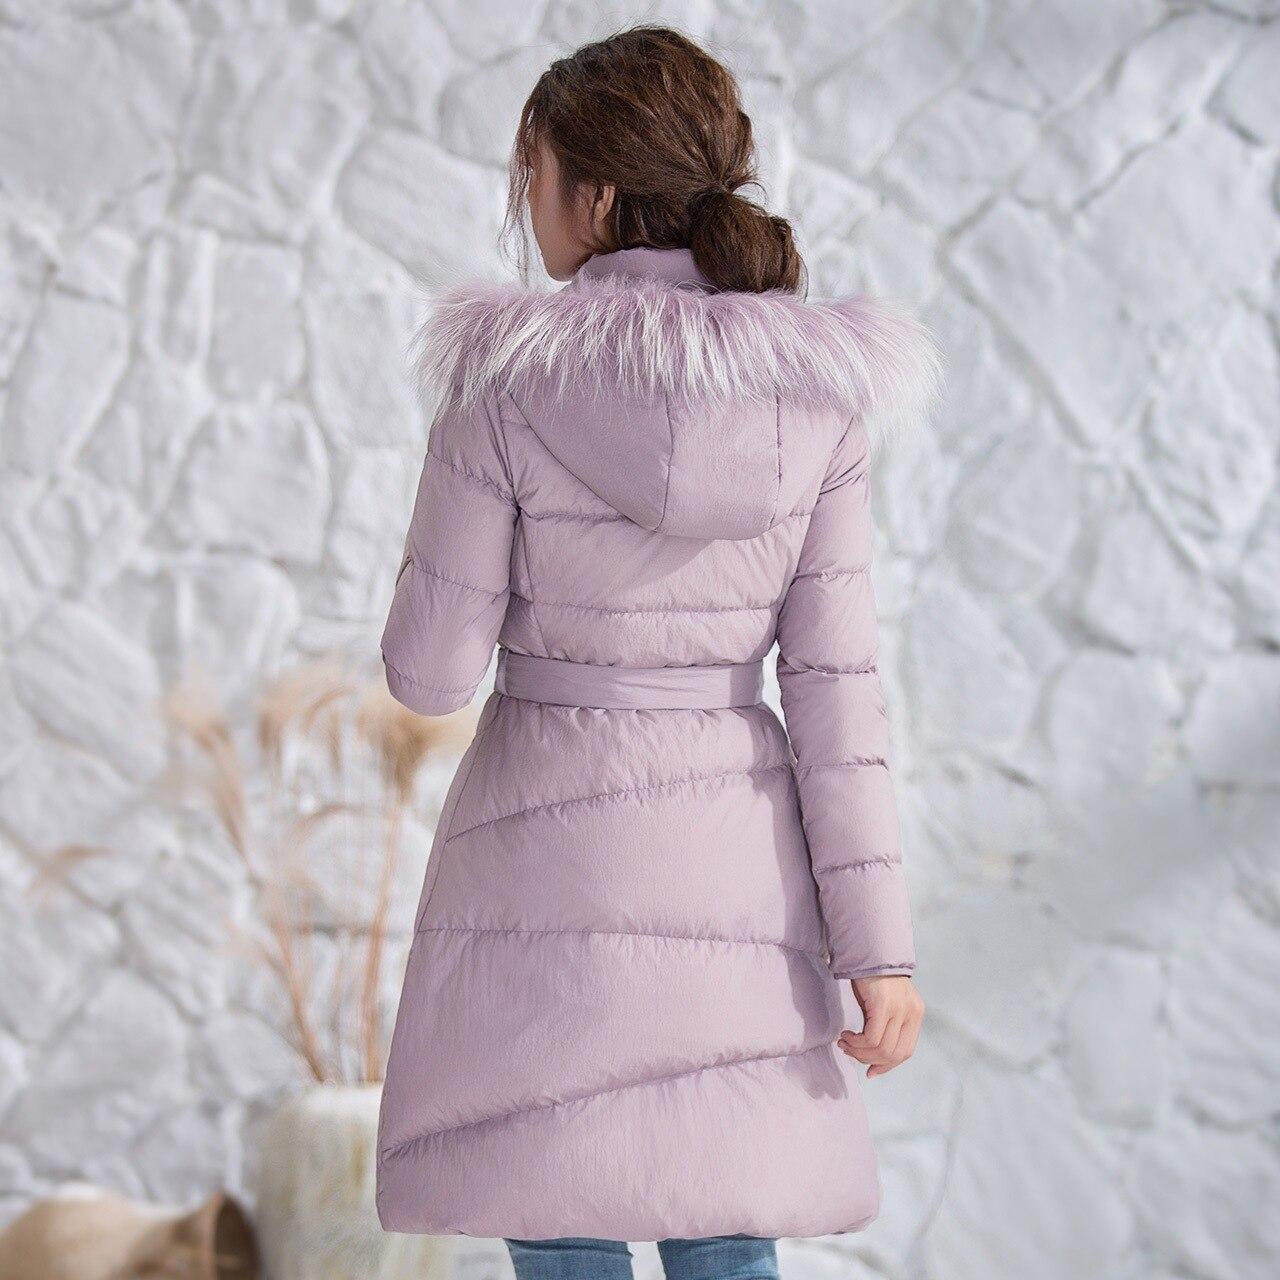 Pardessus 3xl Ajustement Pourpre Filles La Nouveau Femmes Bas Plus Frais D'hiver Vers Manteaux Coton Laçage Canard Veste Dames Chaud Mode Simple Le Taille w1RHqB